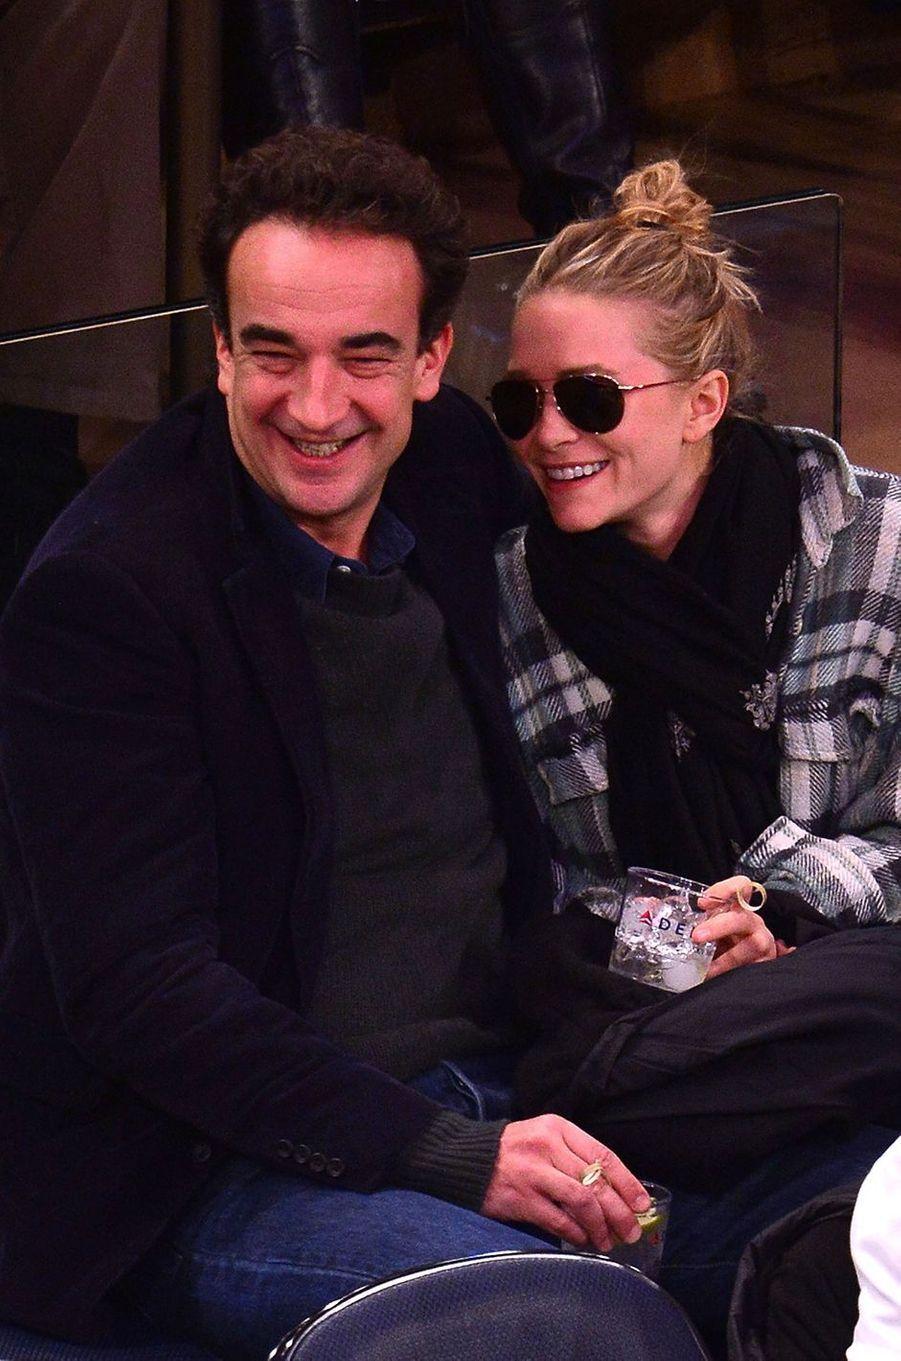 Mary-Kate Olsen et Olivier Sarkozy lors d'un match des Knicks au Madison Square Garden à New York en novembre 2013